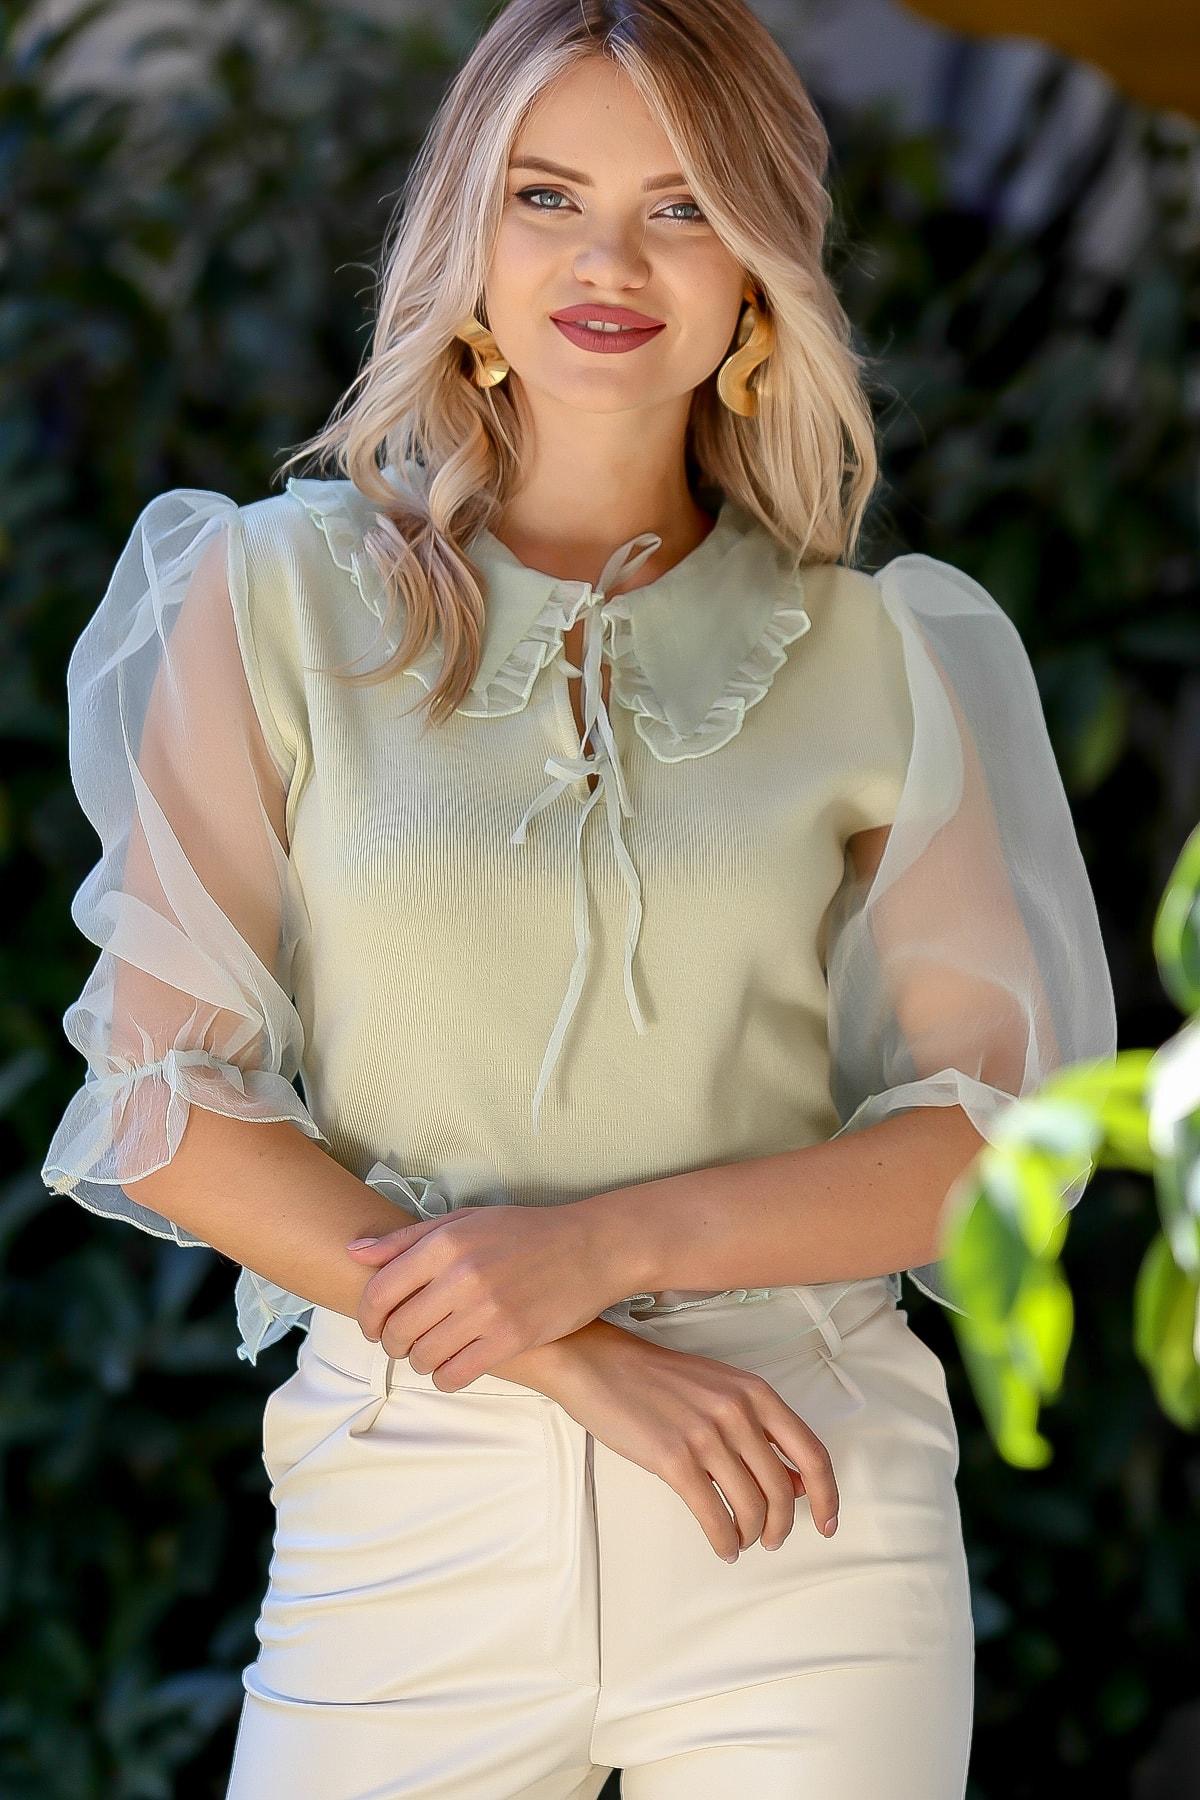 Chiccy Kadın Su Yeşili Organze Yaka Ve Balon Kol Detaylı Bağlamalı Bluz M10010200BL95752